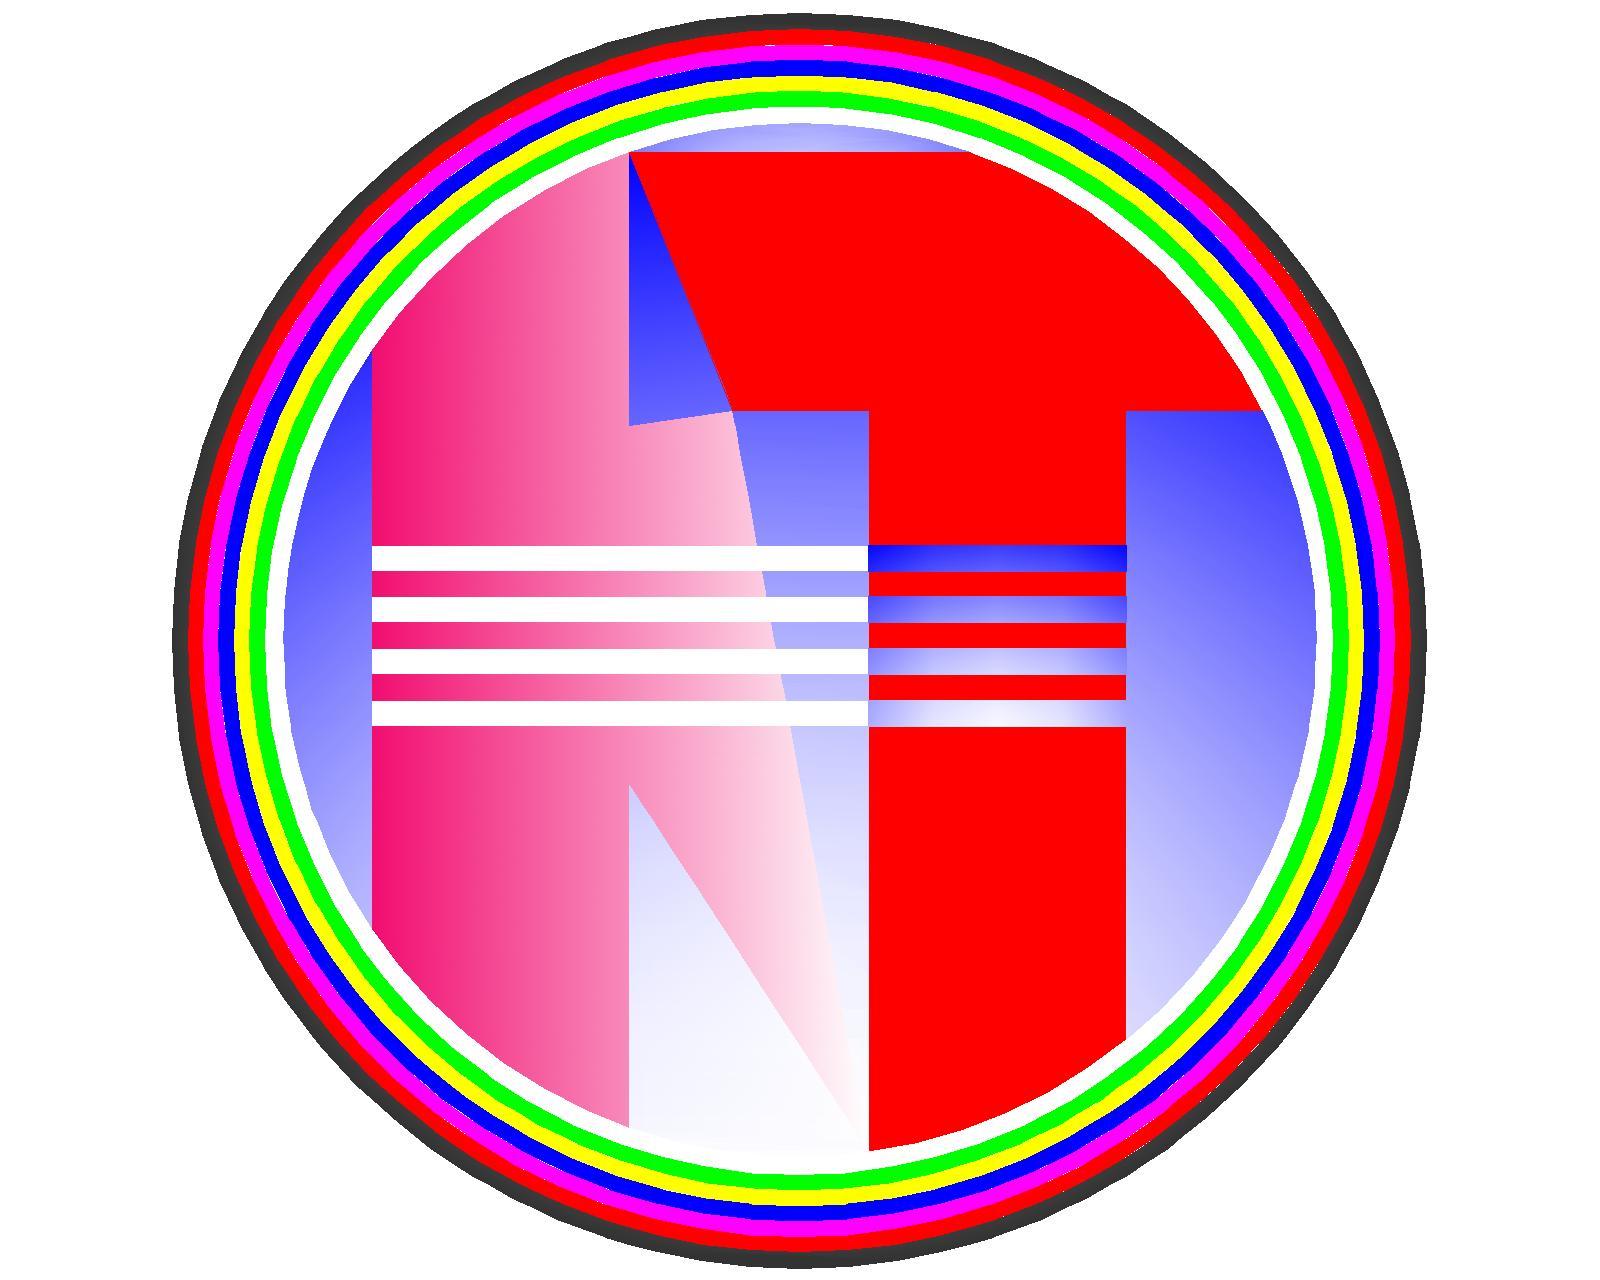 Công ty TNHH MTV SX TM DV CTM Ngọc Thành cần tuyển gấp kế toán tổng hợp